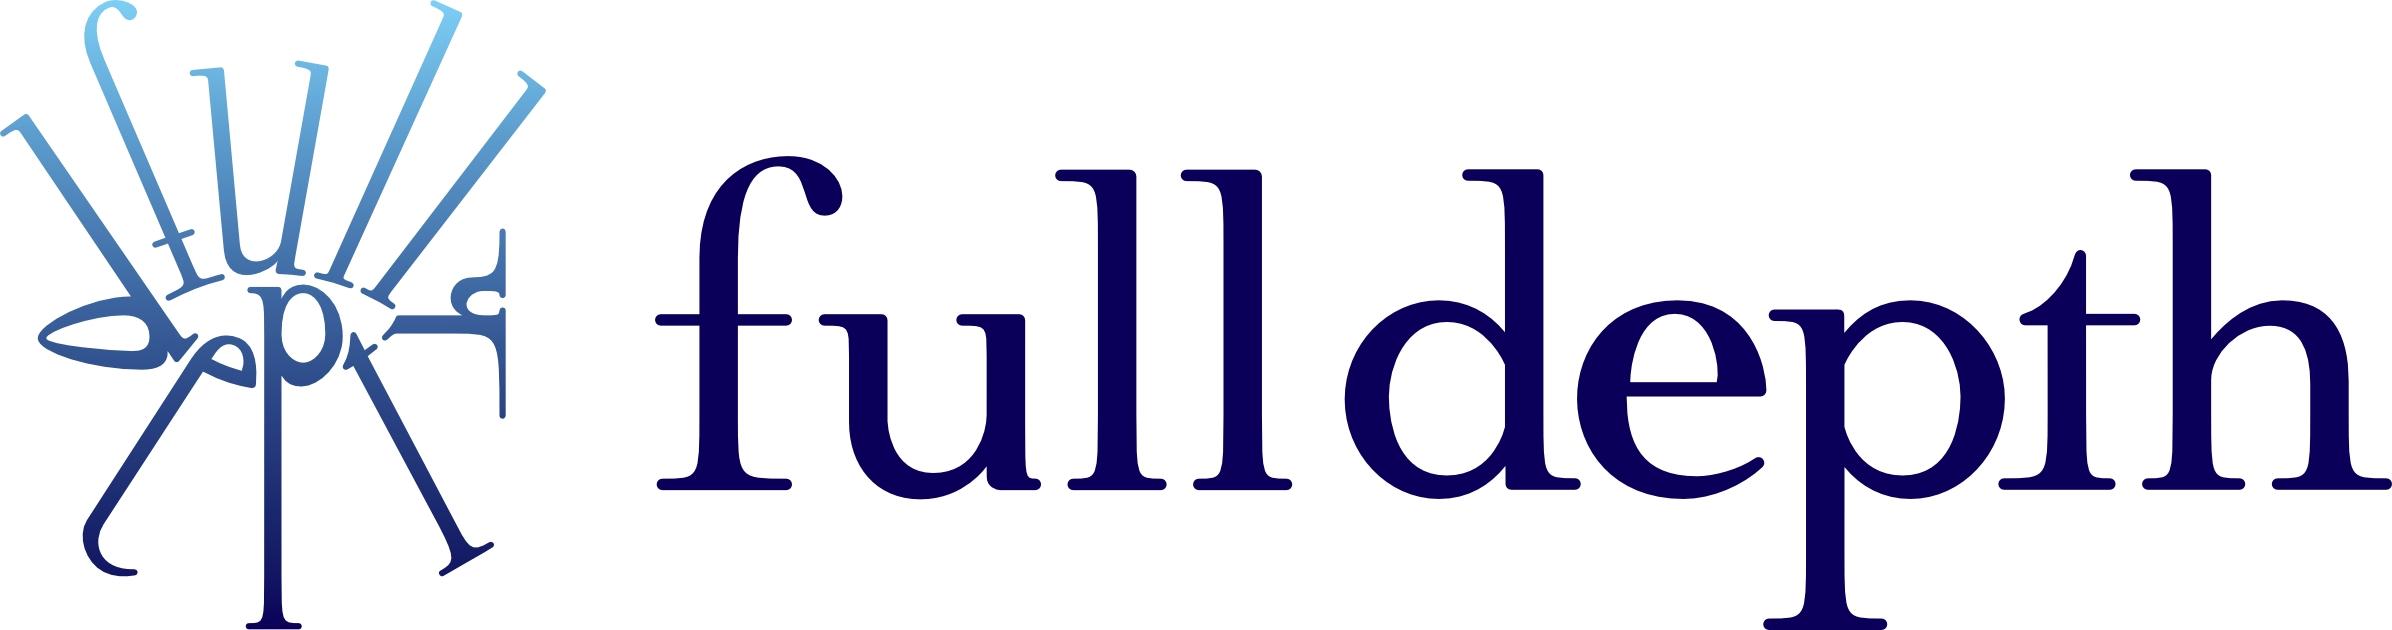 日本初の水中ドローン専業メーカー、空間知能化研究所が社名変更。深海探査に進化と革新をもたらす「株式会社FullDepth」へ。|株式会社 FullDepthのプレスリリース